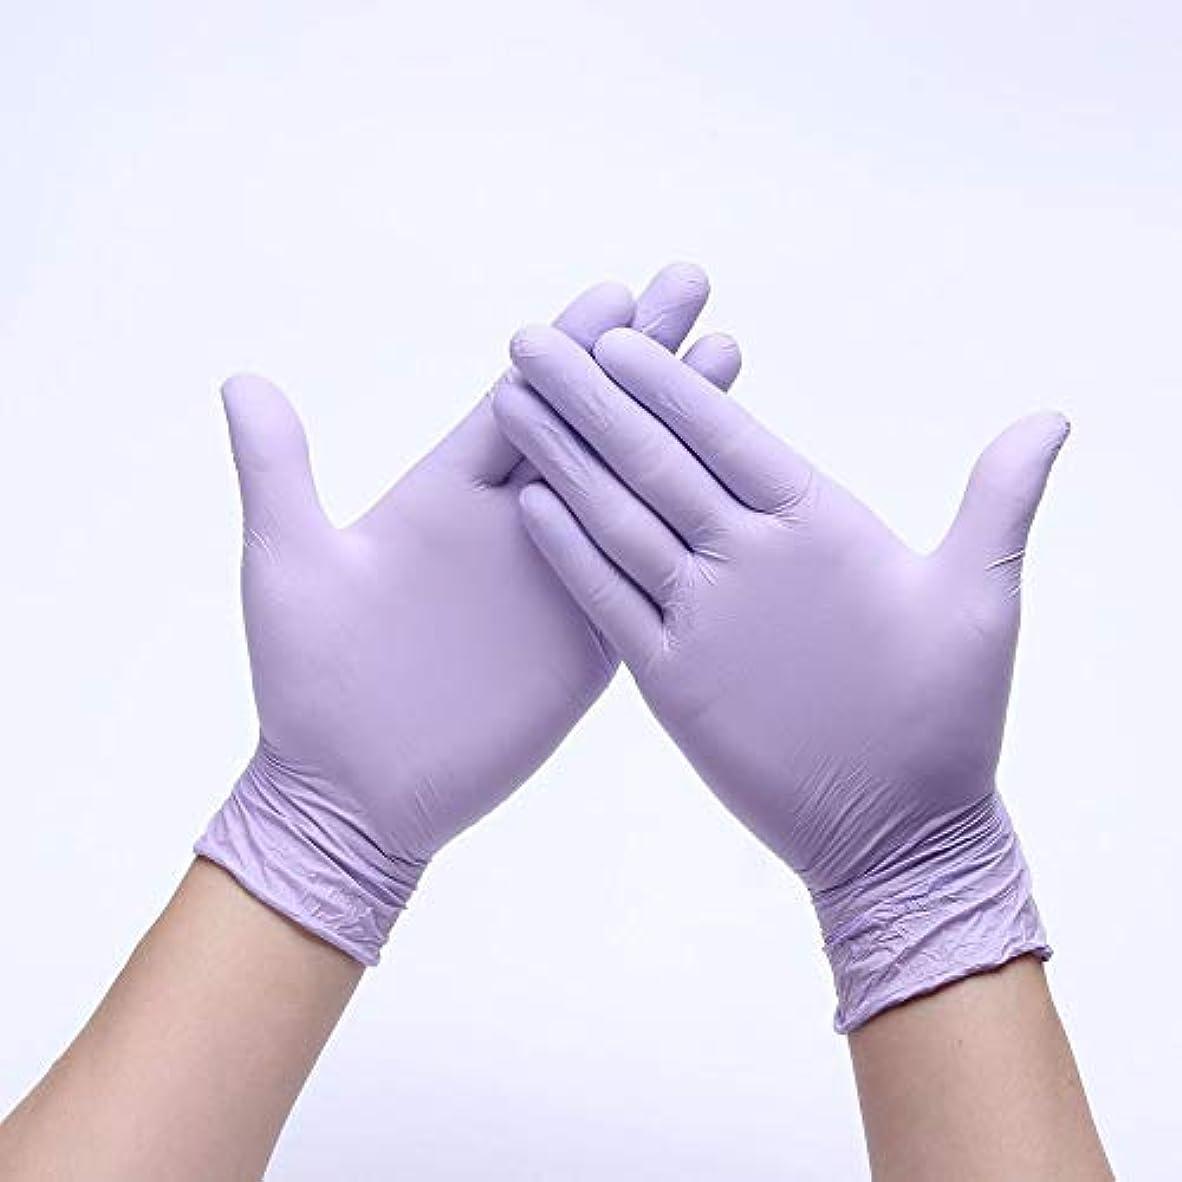 いろいろクラックすごい病院ラテックス、ニトリルゴム抗油実験家事手袋、100パーパック、家事実験 (Color : Purple, Size : S)